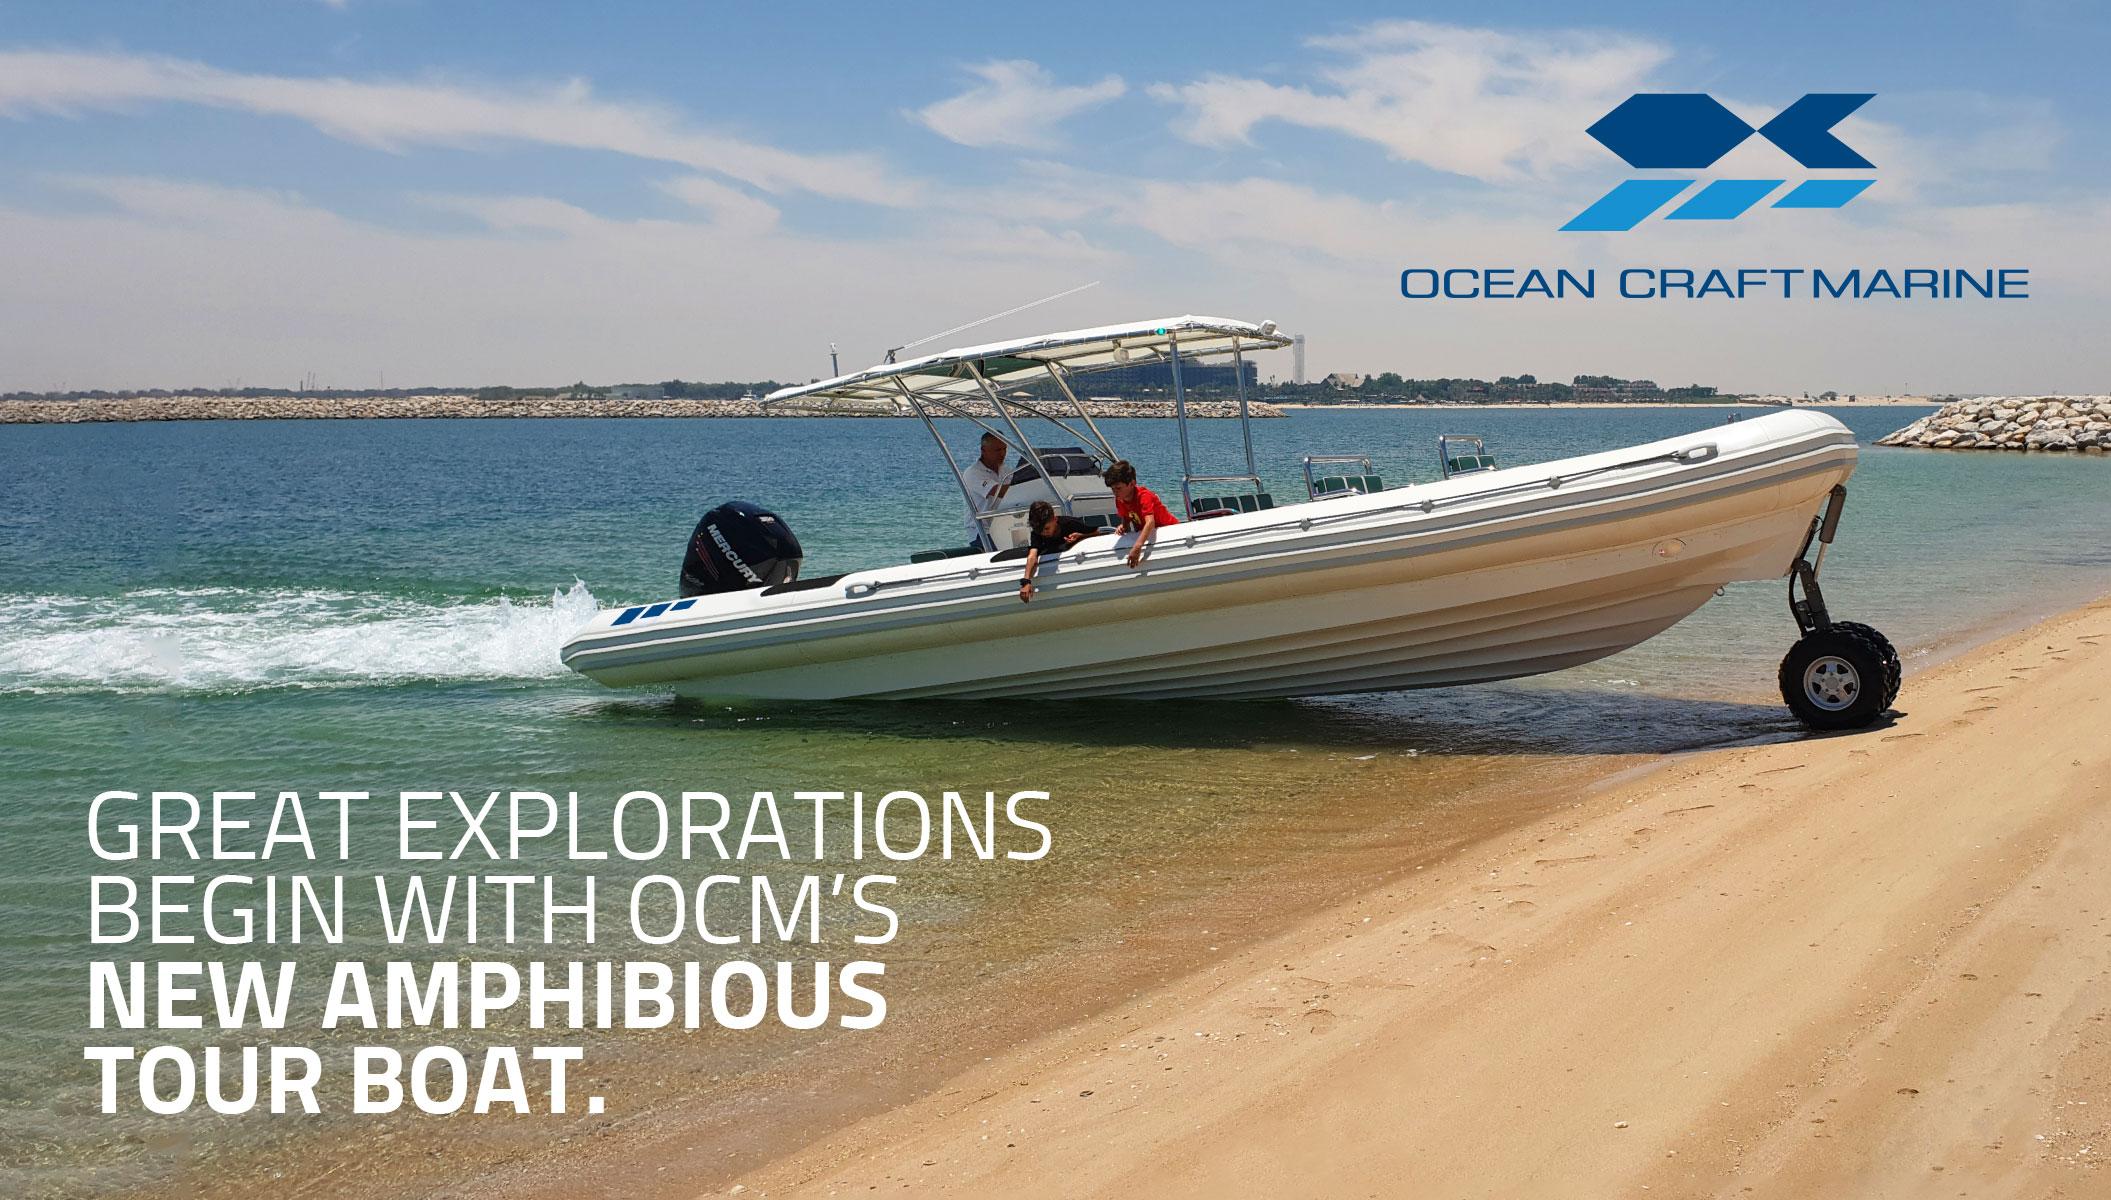 OCM Amphibious Tour Boat